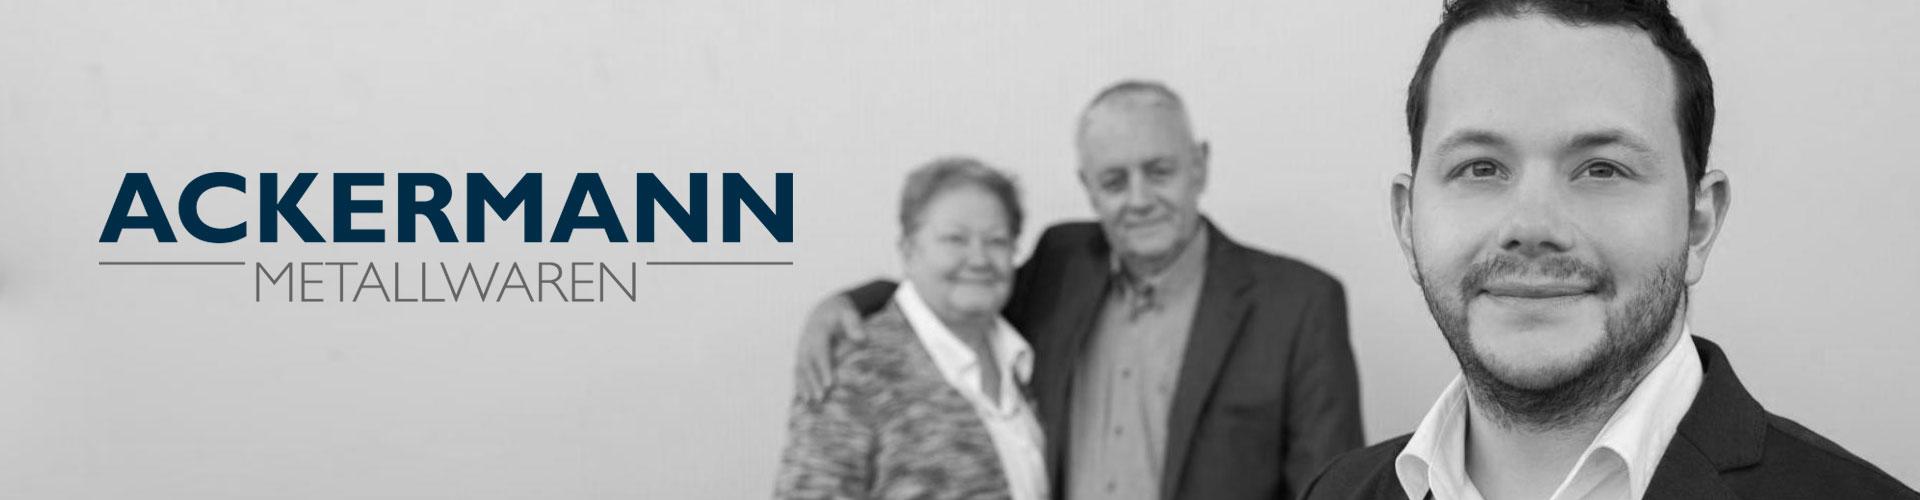 Ackermann Metallwaren - Ihr Partner seit 1985